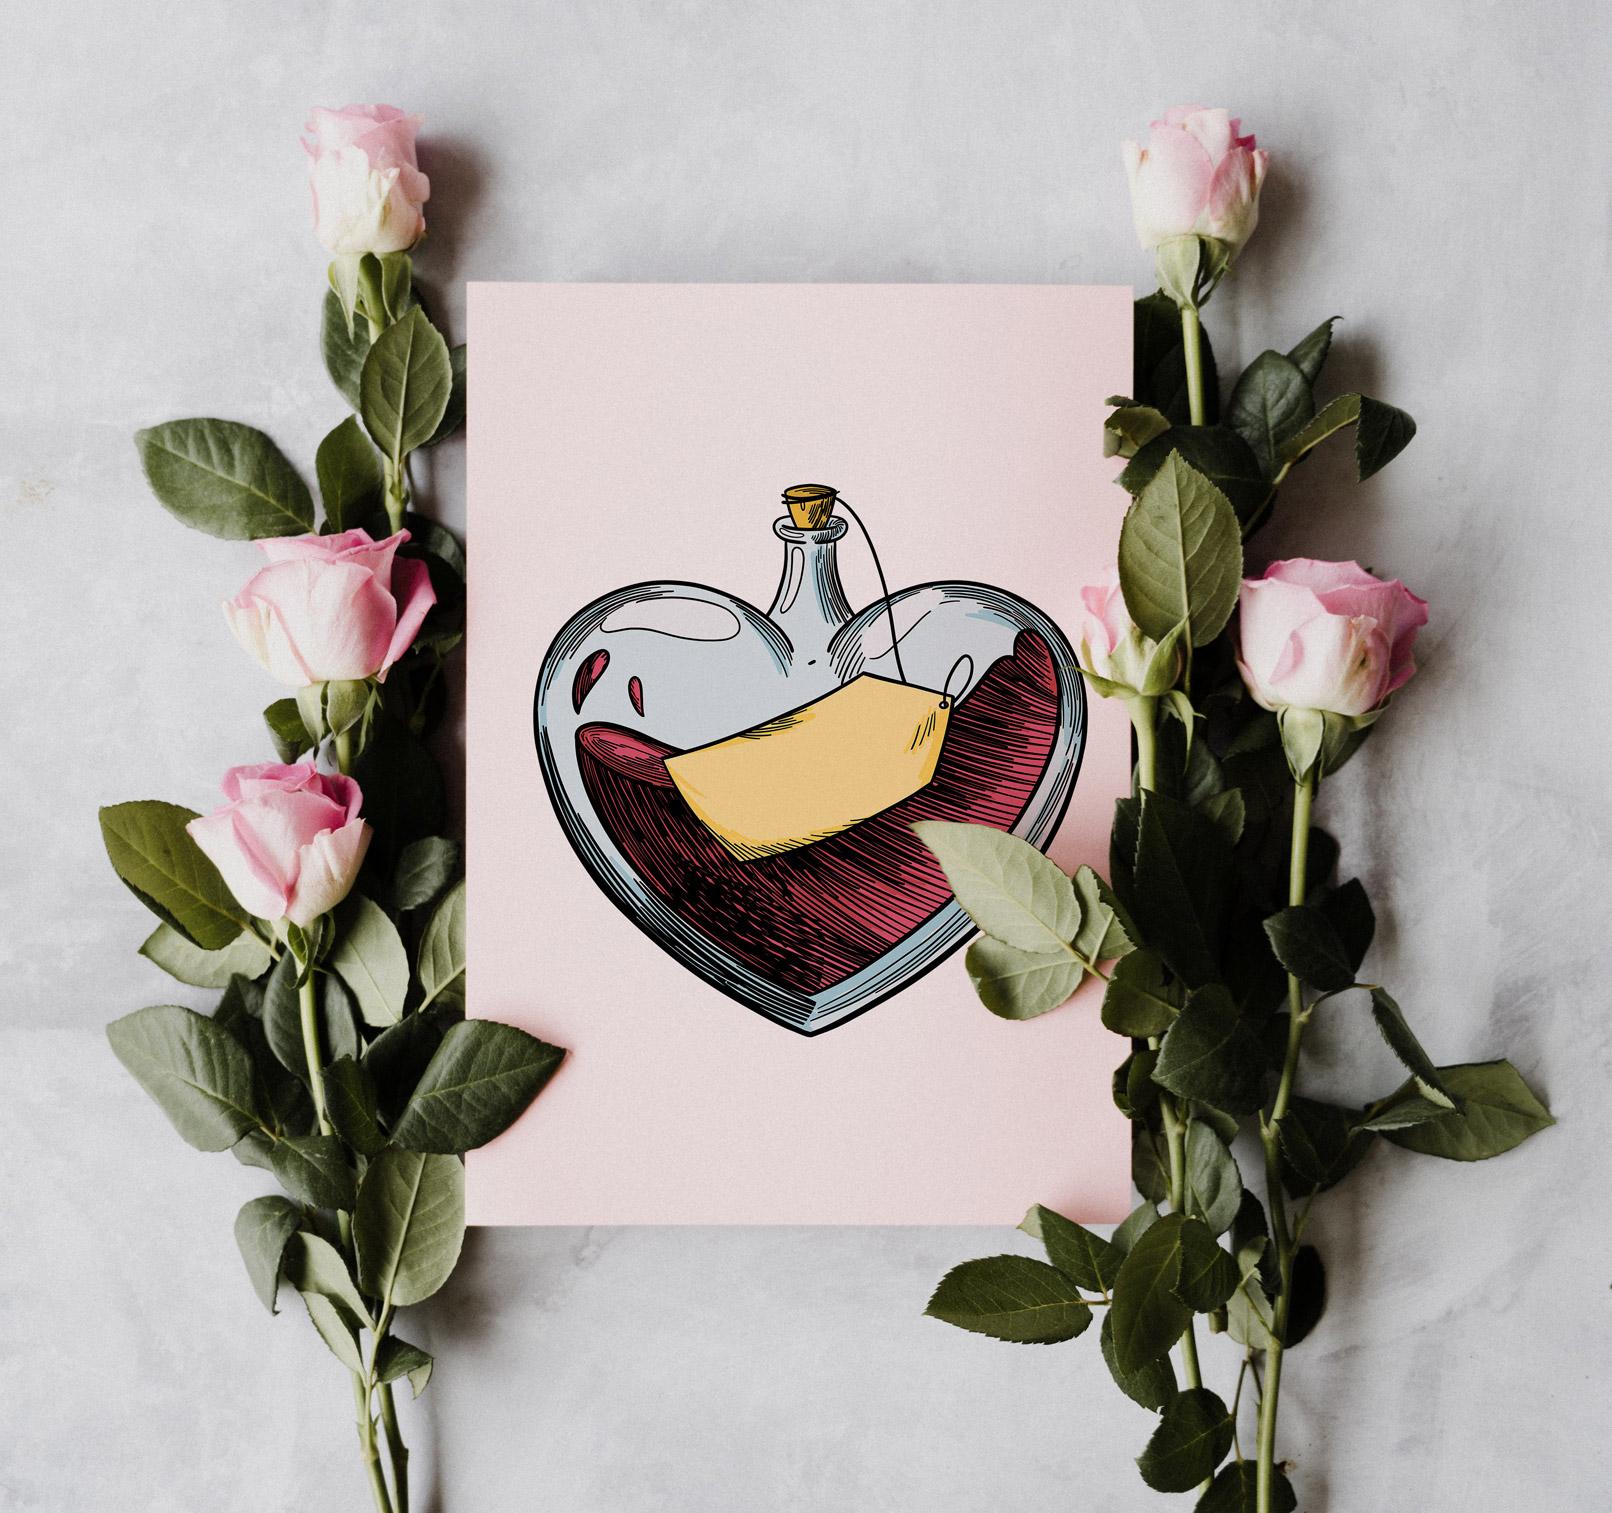 Herz-Grafik auf einer Karte, daneben Rosen